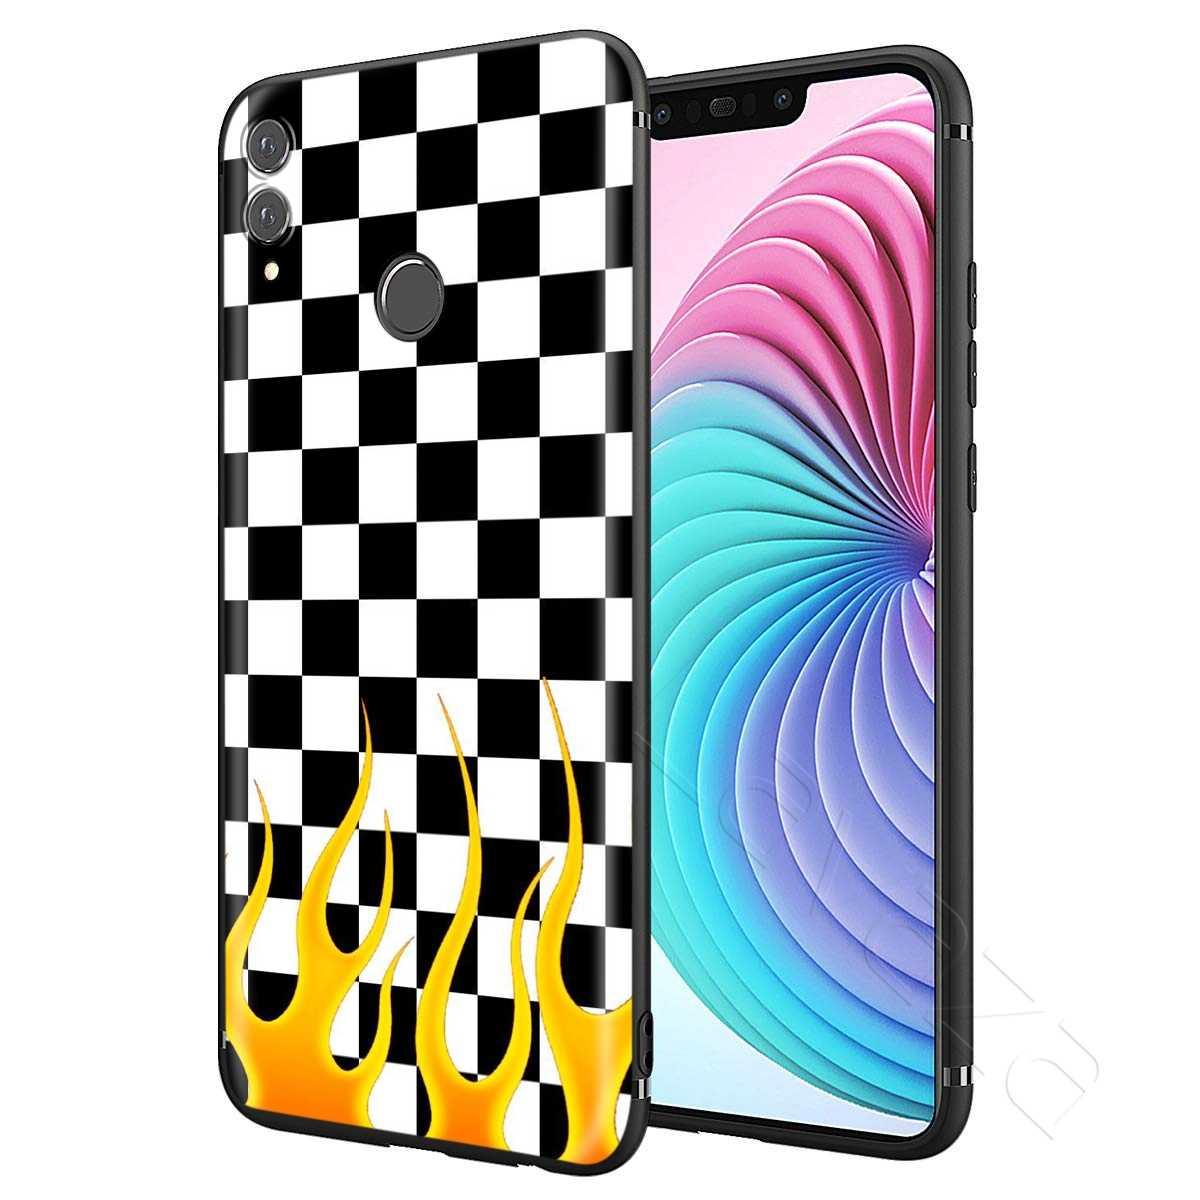 Lavaza Kotak-kotak Kotak-kotak Case untuk HUAWEI Mate Y7 Y9 P8 P9 P10 P20 P30 Lite Pro P Smart Mini 2017 2019